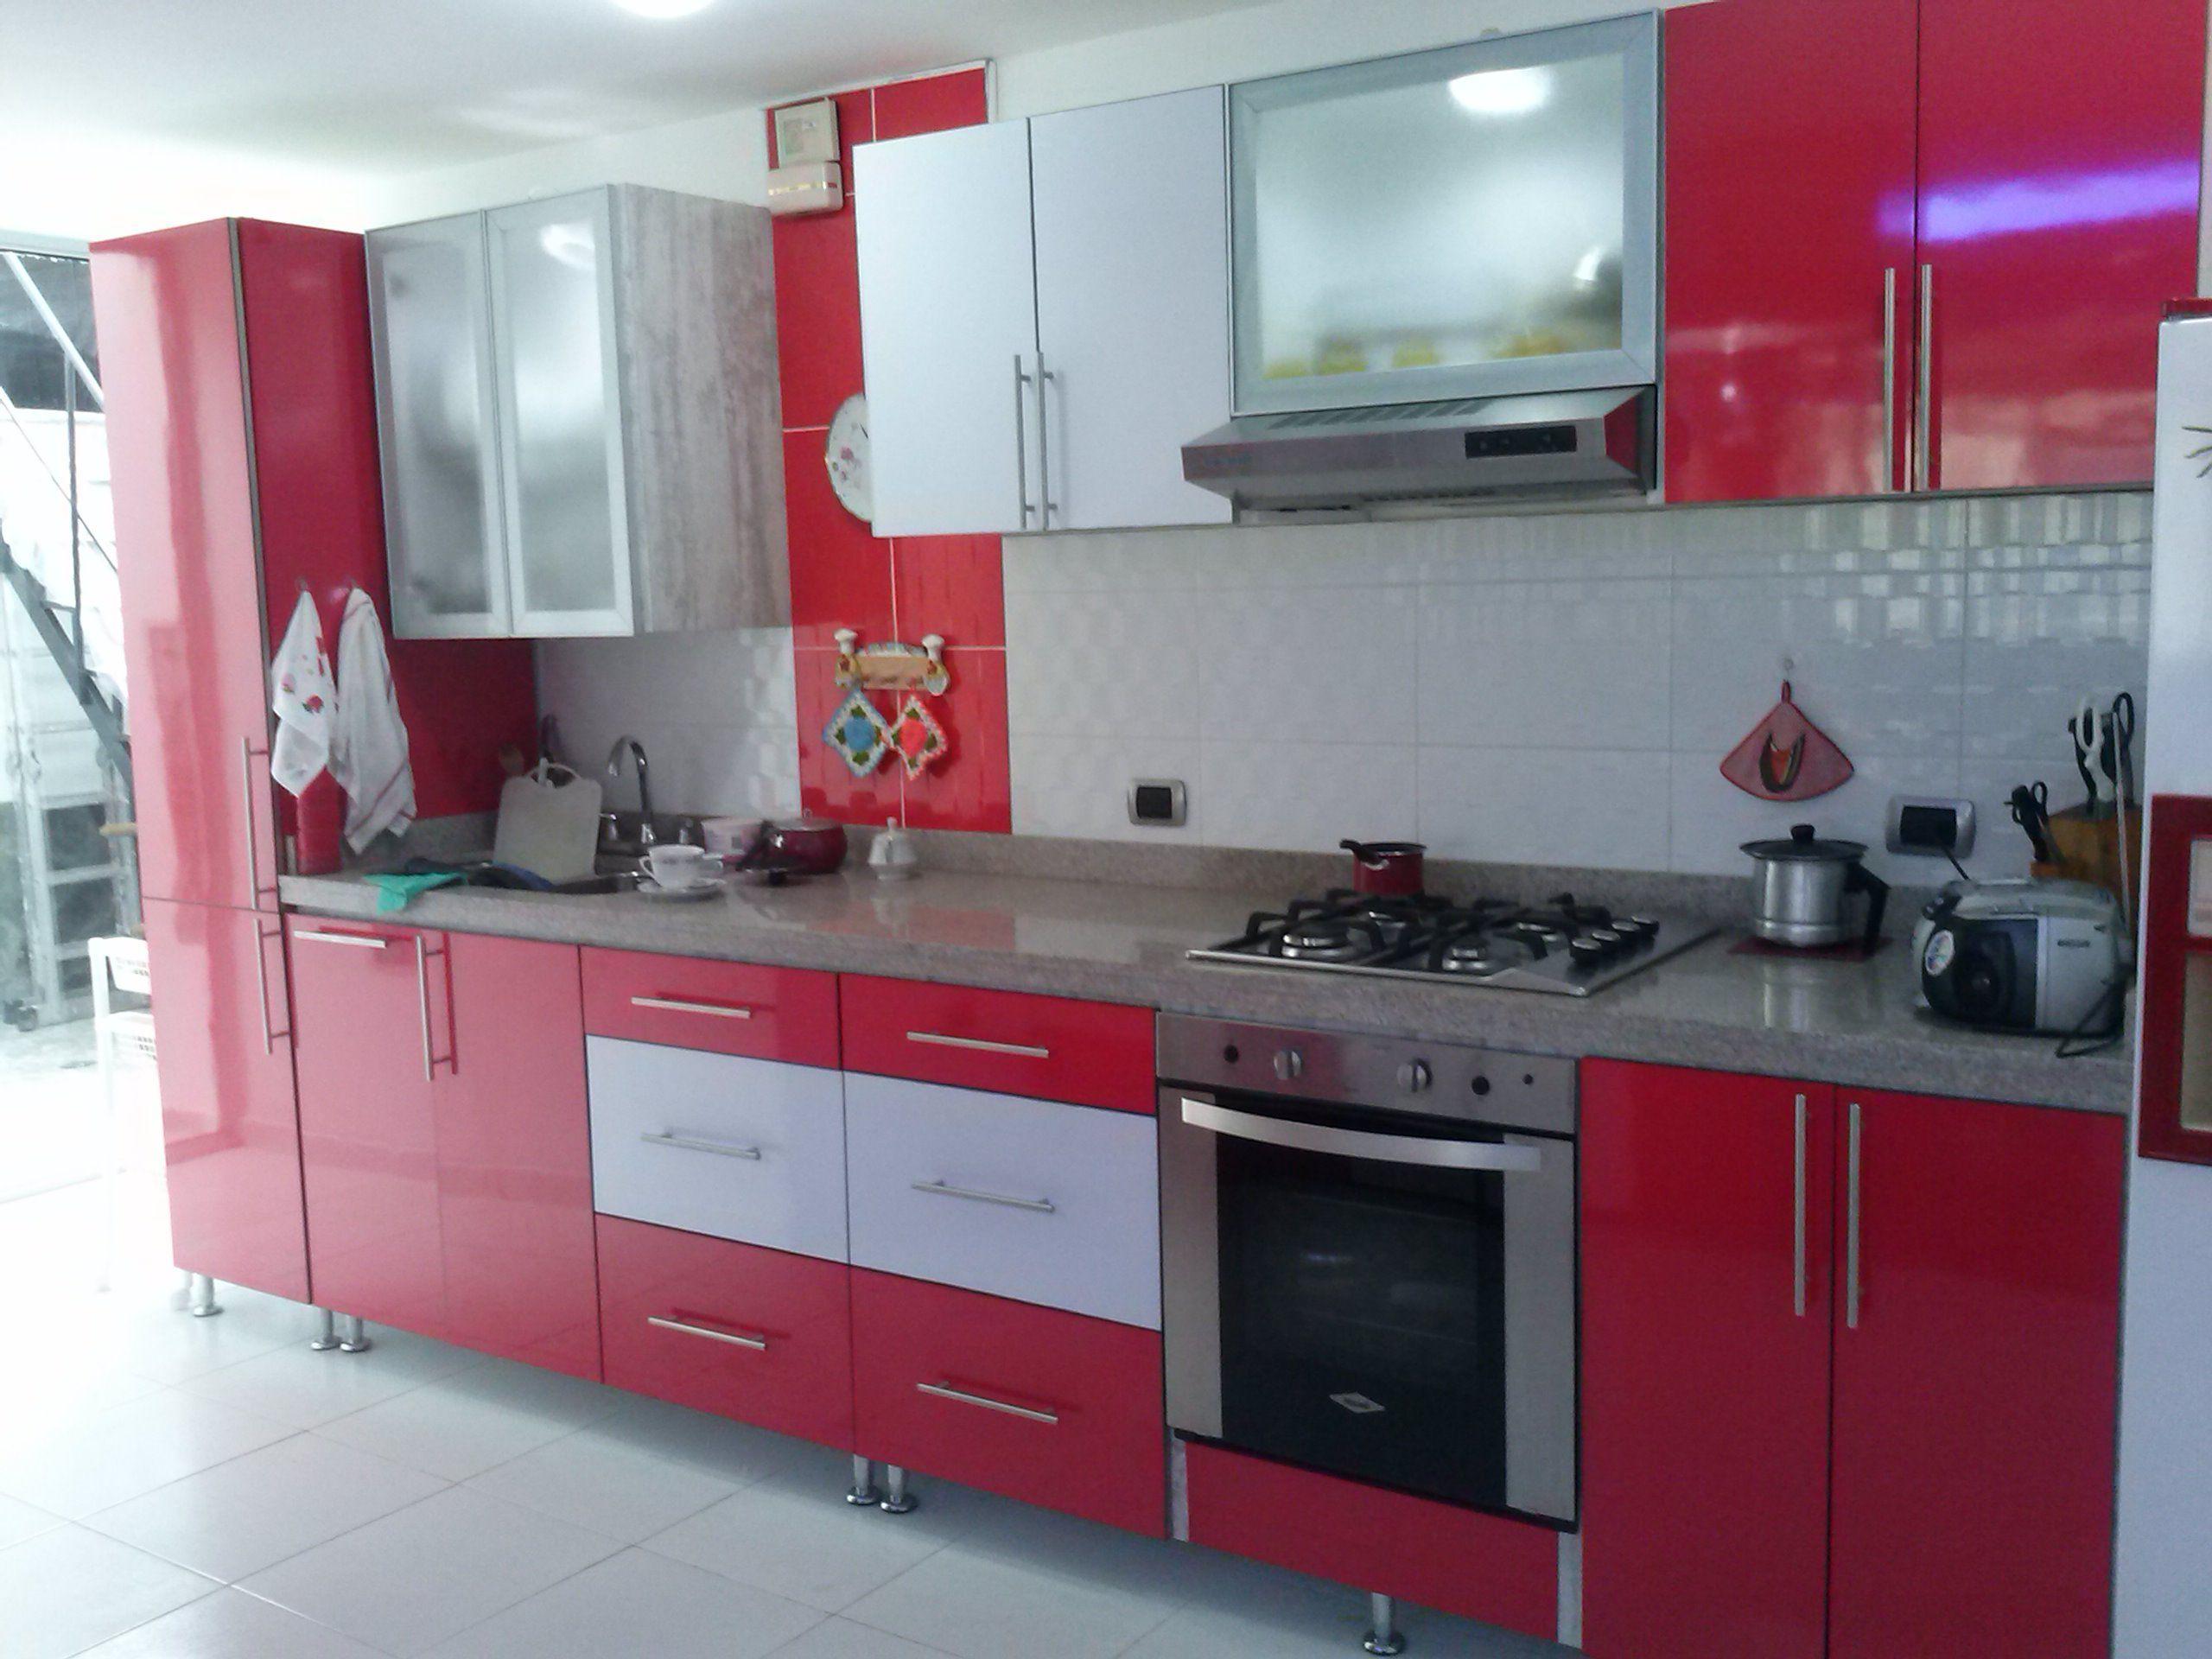 Cocina integral roja con puertas en aluminio y vidrio - Cocinas con puertas de cristal ...